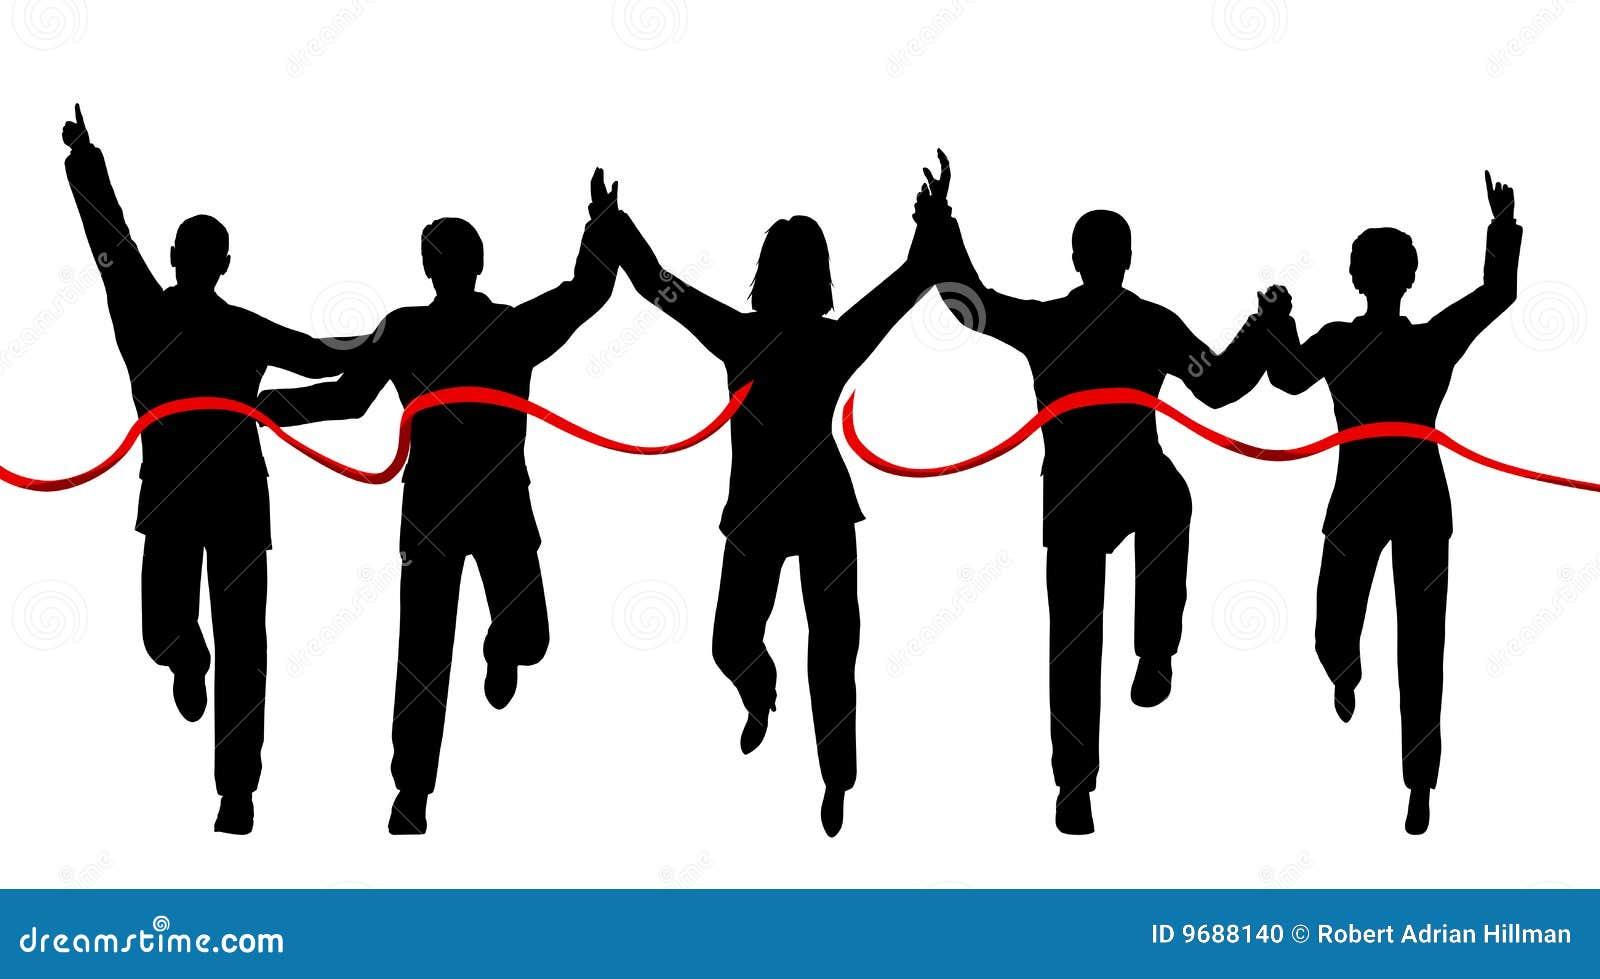 跨过每条终点线对象人员单独剪影的商业合作.